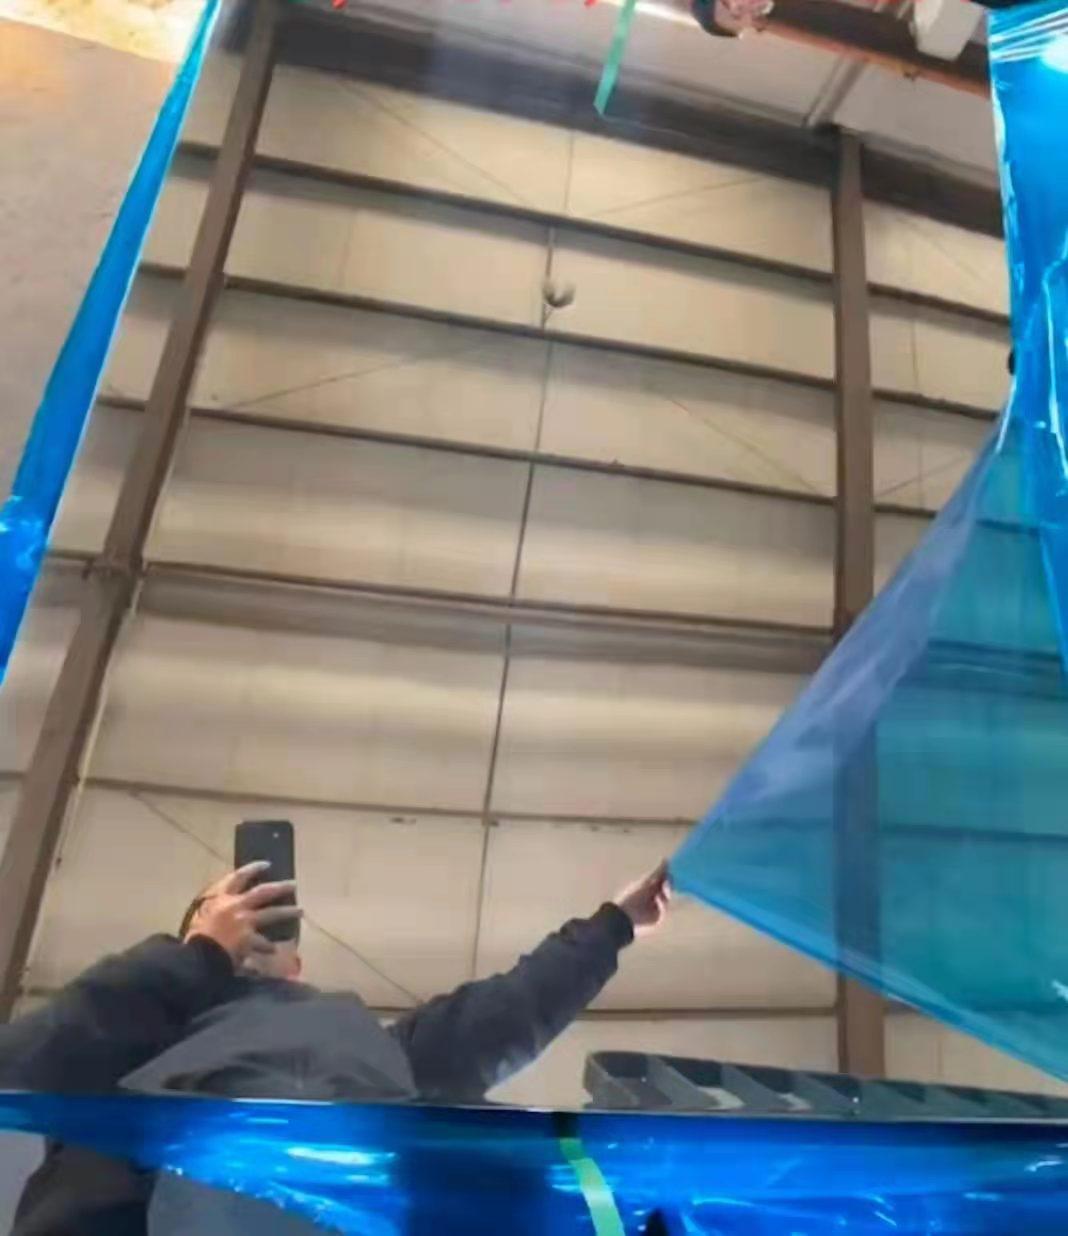 甘肃省甘南藏族自治州0.5mm保温铝卷厂家价格保温铝板卷